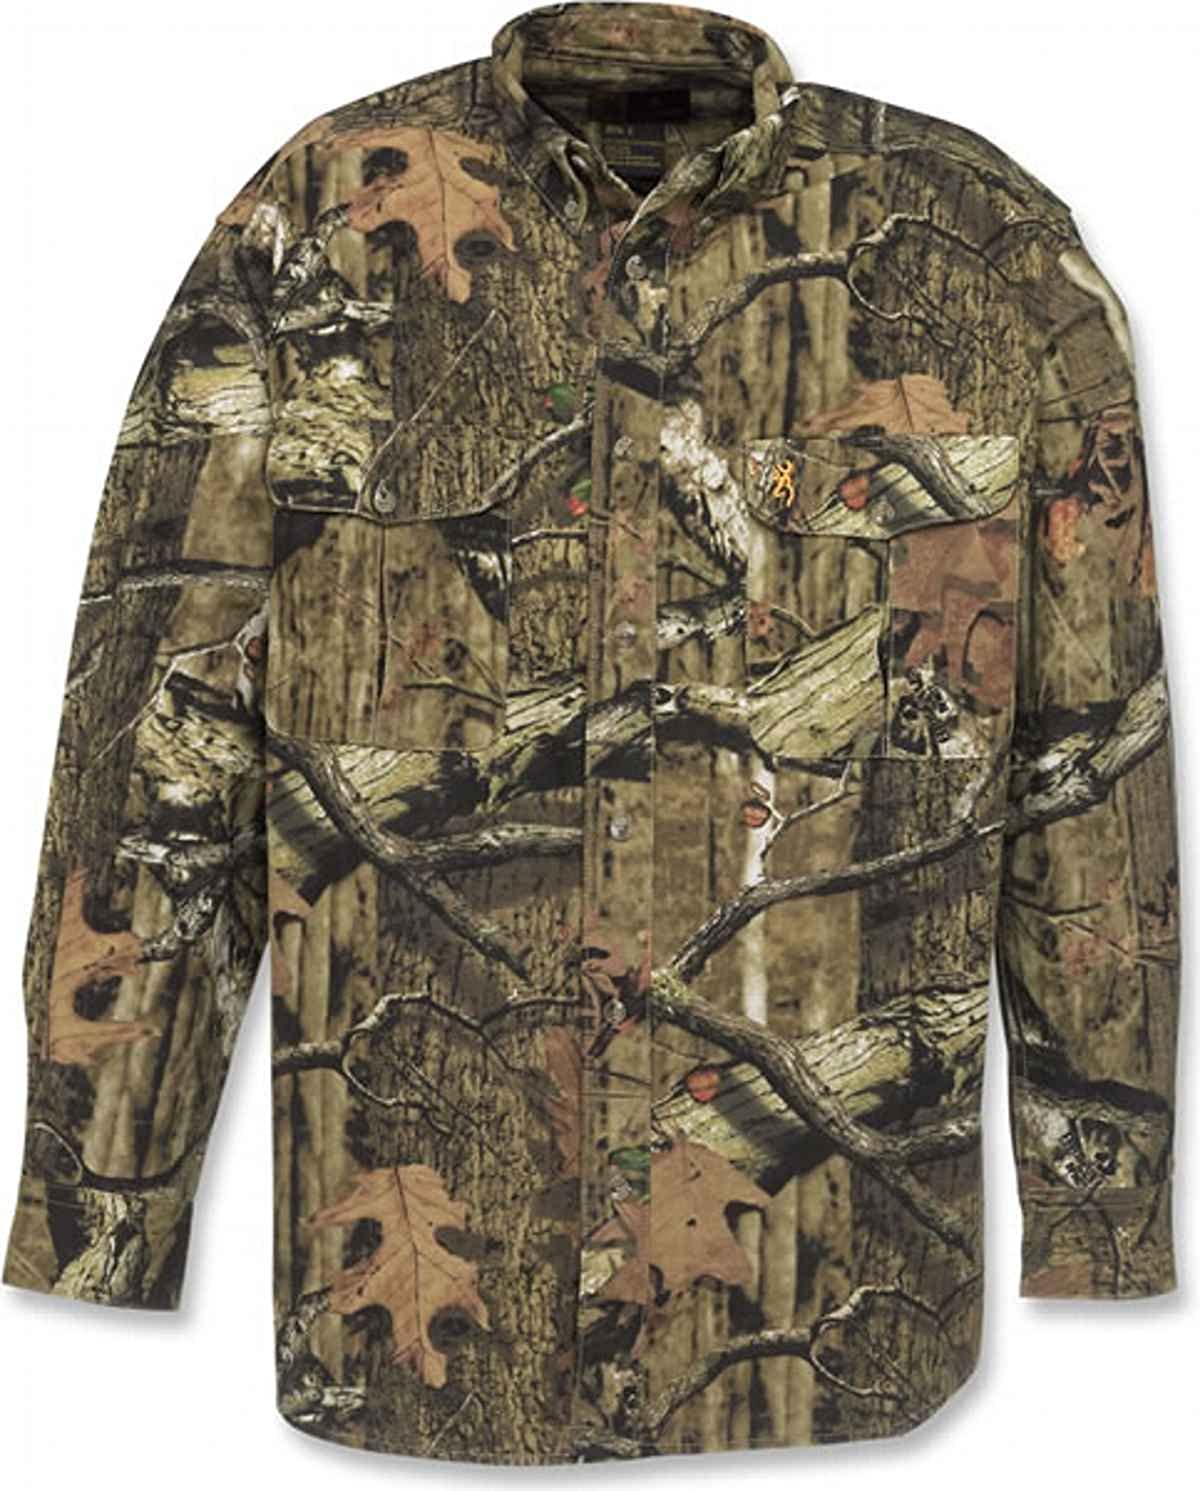 Browning Wasatch Chamois Shirt, Mossy Oak Break-Up Infinity, M 3011342002